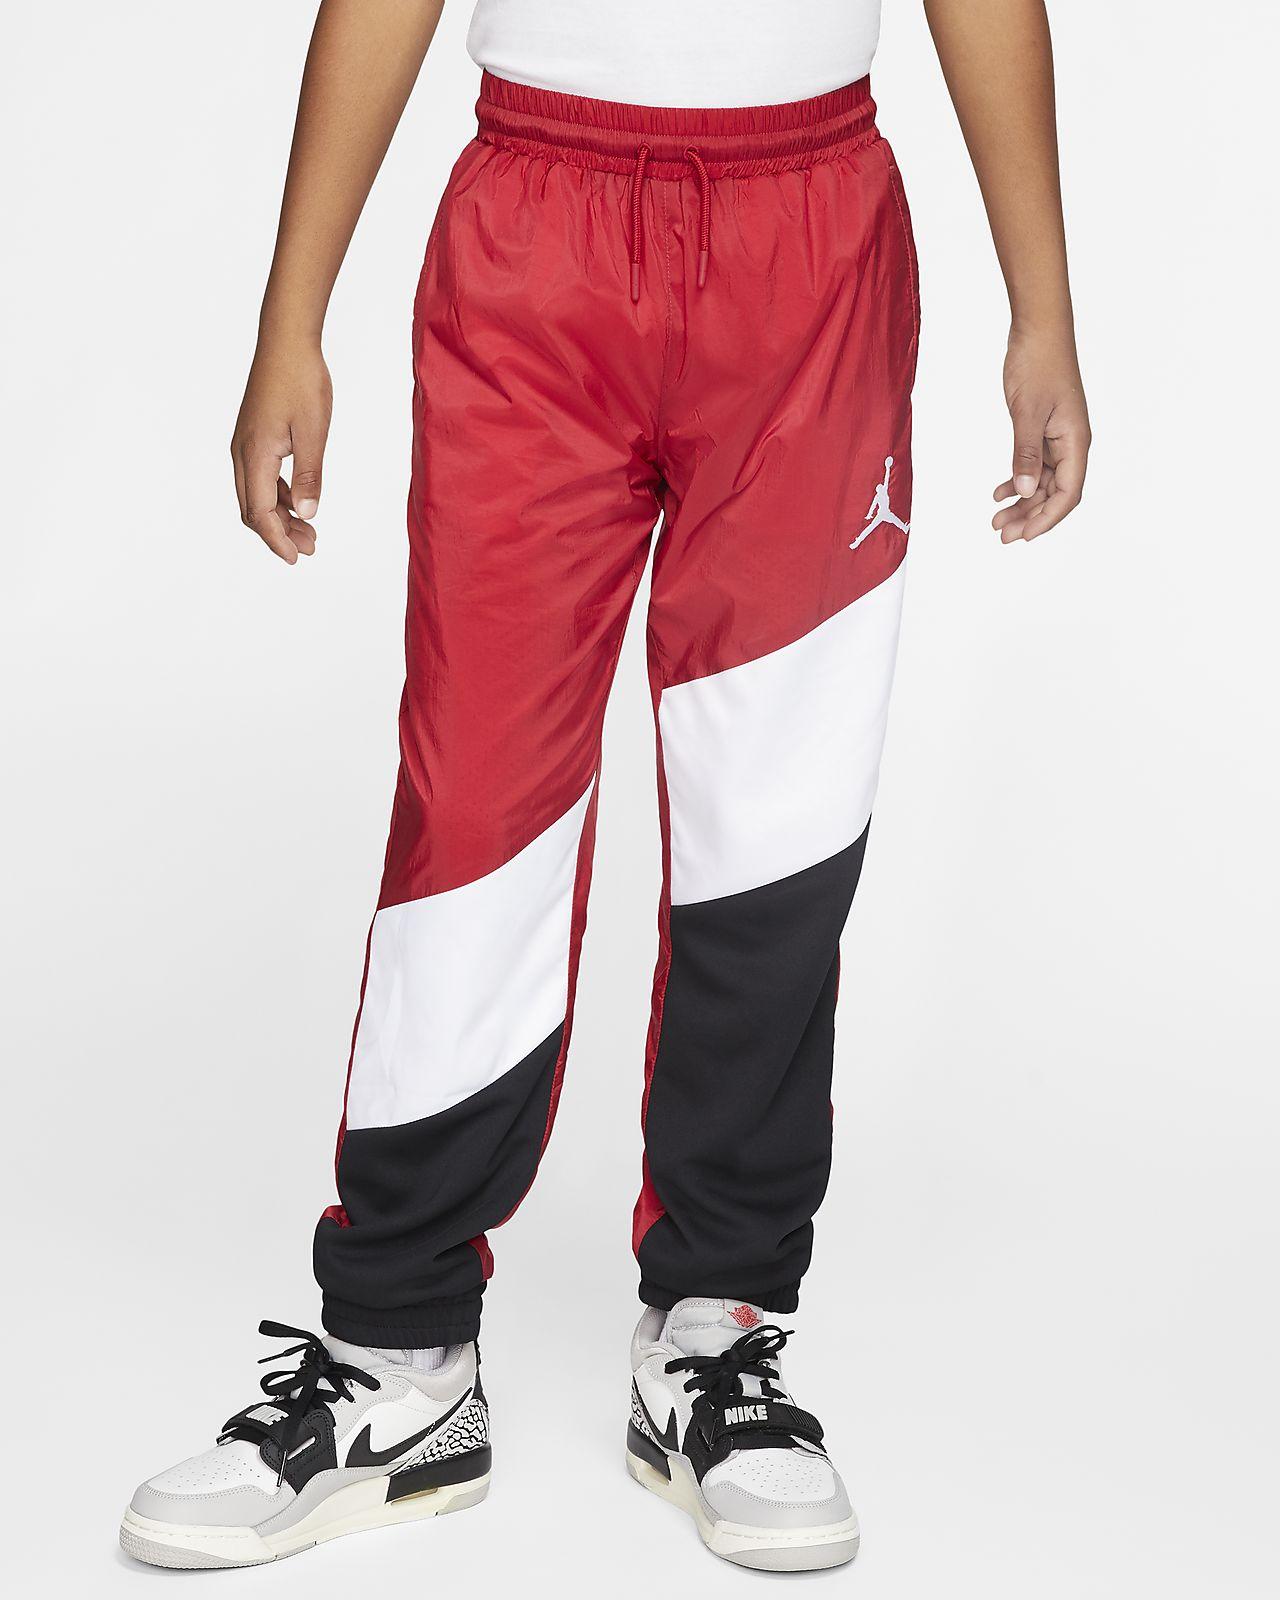 Jordan Wings Older Kids' (Boys') Cuffed Trousers